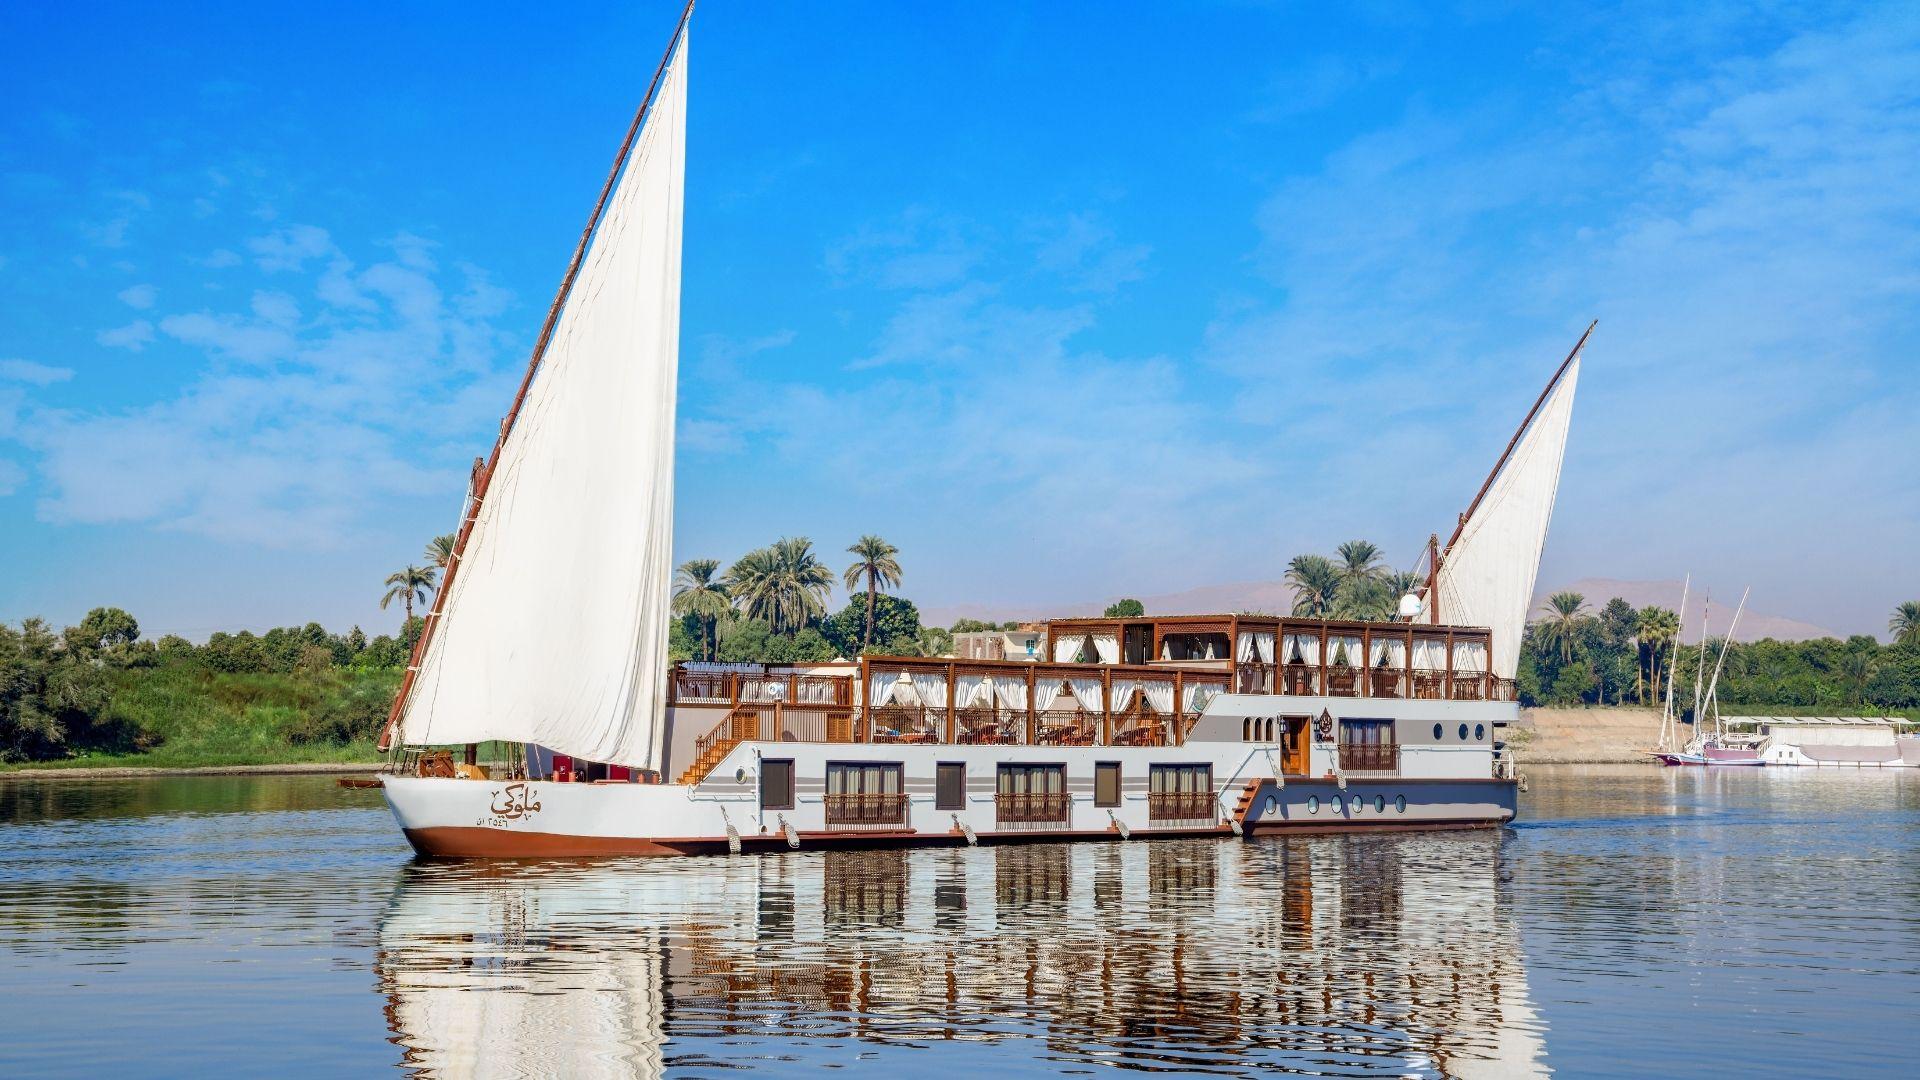 The Ultimate Nile Cruise